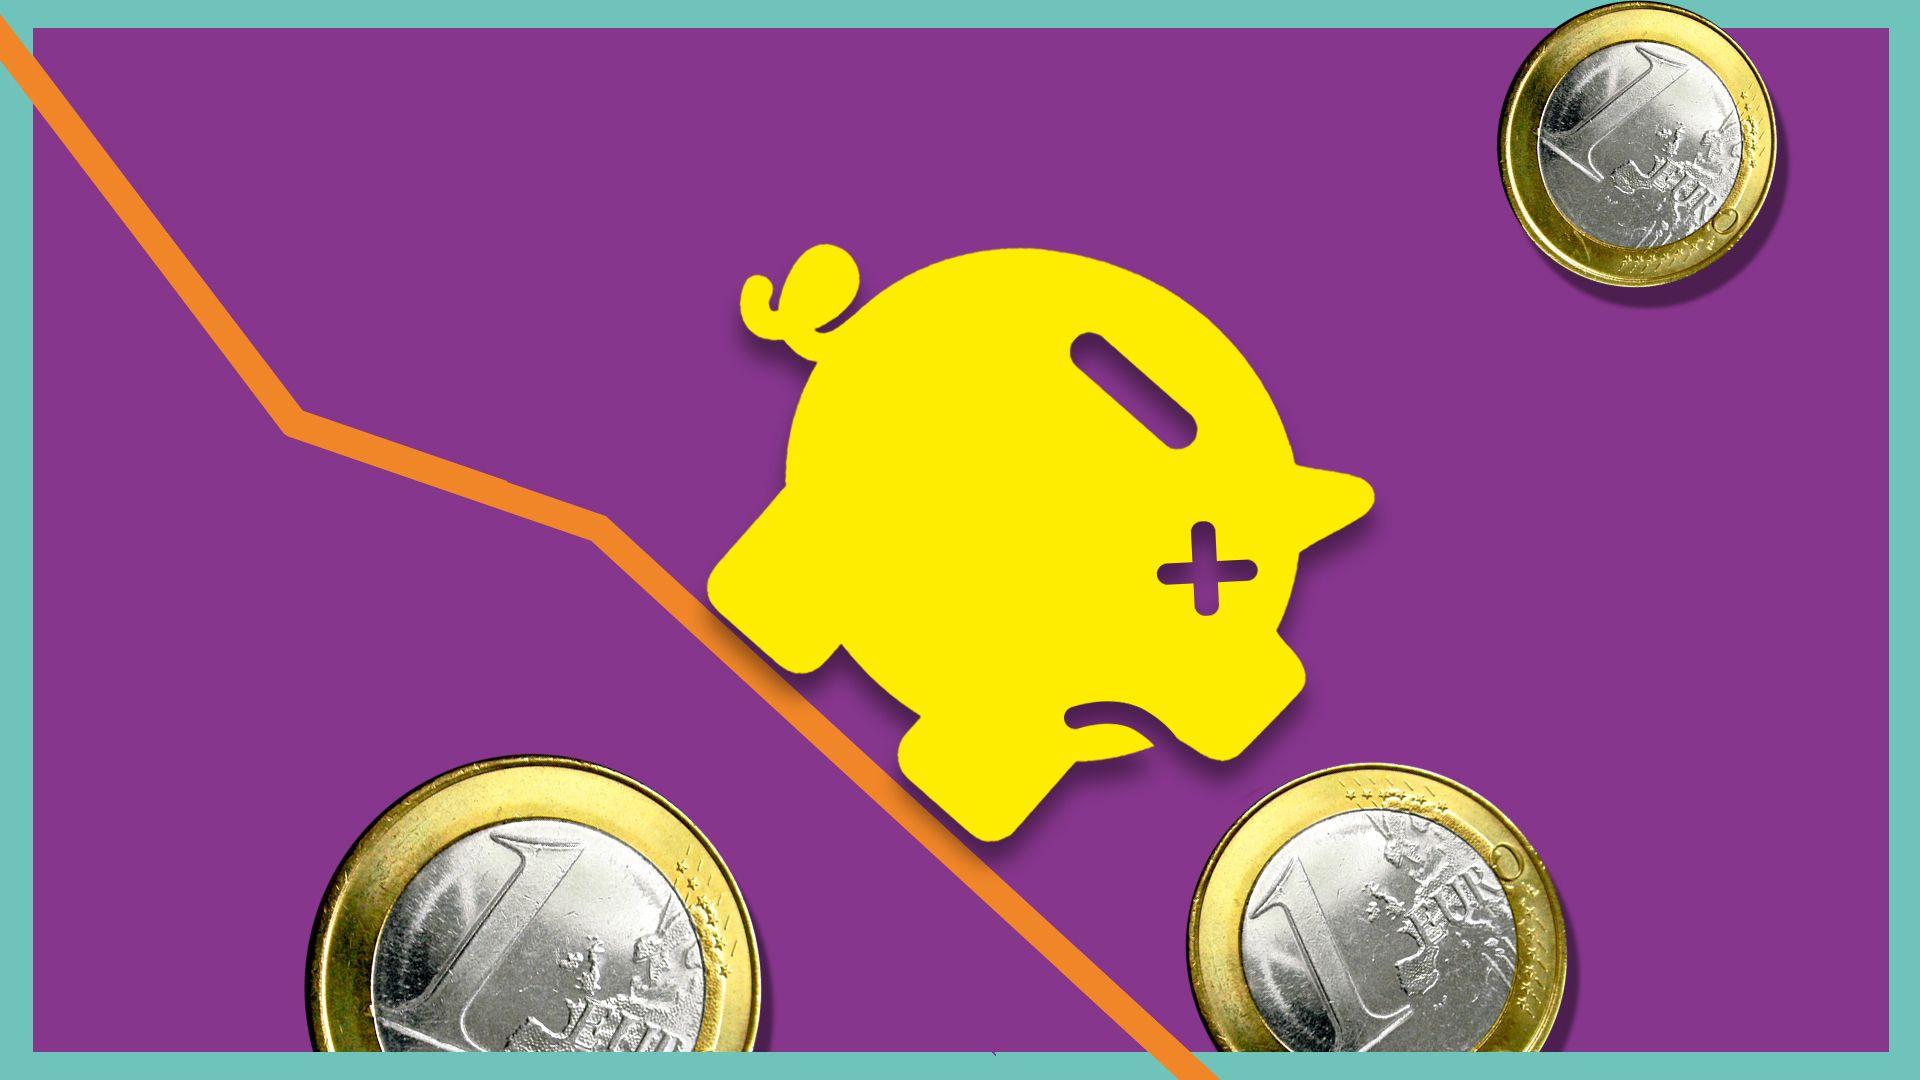 Eine piktografische Darstellung eines Sparschweins rutscht umgeben von Euromünzen auf einer Indexlinie nach unten.